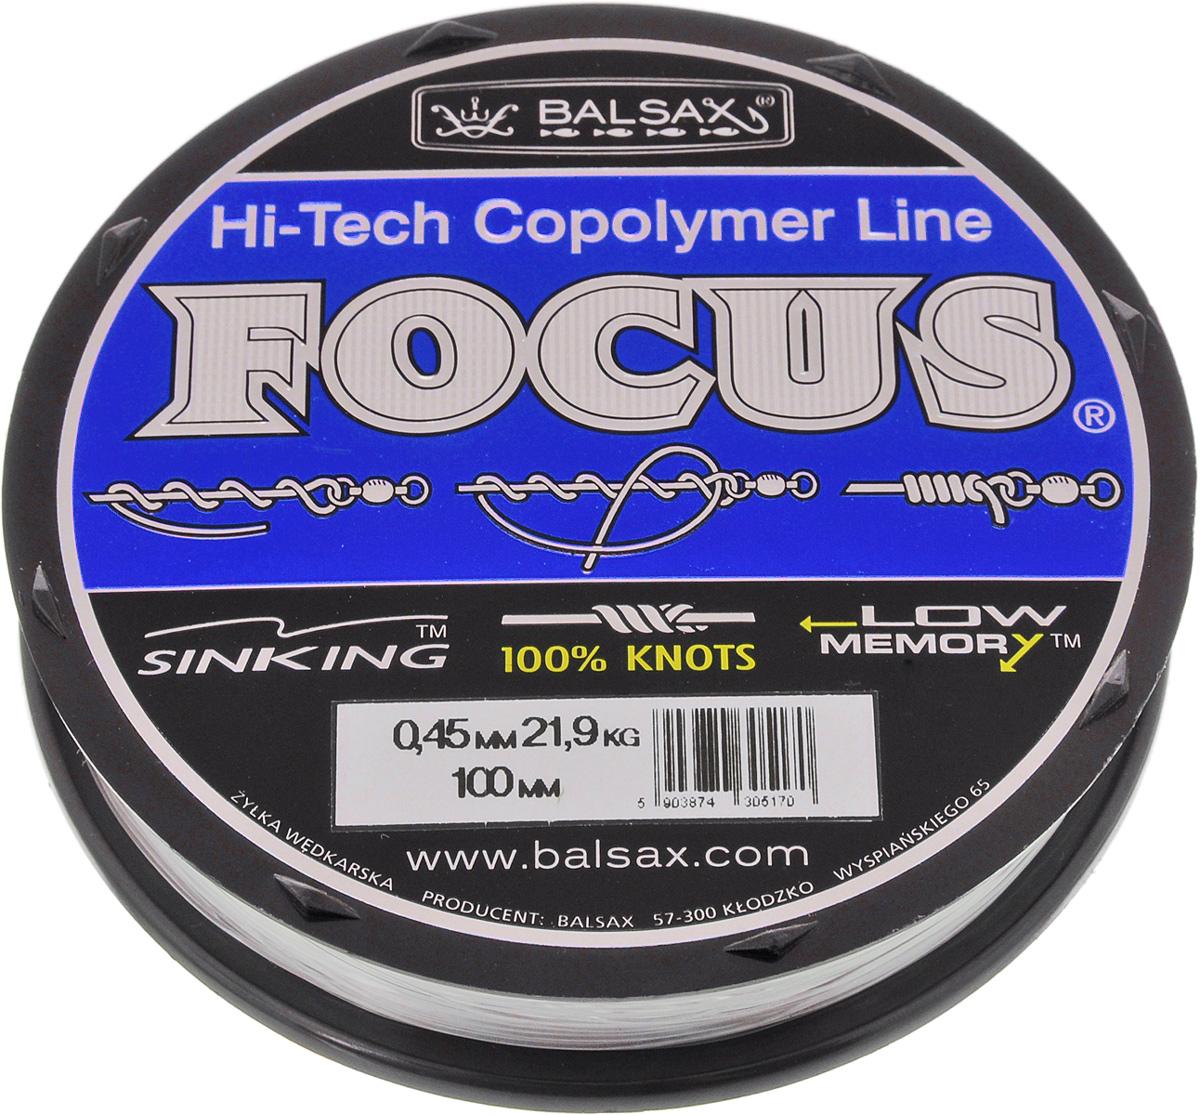 Леска Balsax Focus, 100 м, 0,45 мм, 21,9 кг59287Леска Balsax Focus практически идеально прозрачна, а значит, отлично подходит для ловли во всех водоемах, независимо от погодных условий. Очередной особенностью, повышающей достоинства данной лески, является ее стопроцентная сопротивляемость к деформации, что дает рыболовам уверенность в эффективных забросах, а также позволяет избежать безнадежного запутывания лески. Тесты на эластичность и упругость лески доказали, что последняя, пропорционально к другим особенностям, имеет необходимую растяжимость. Для рыболова это означает, что можно даже тащить очень крупную рыбу.